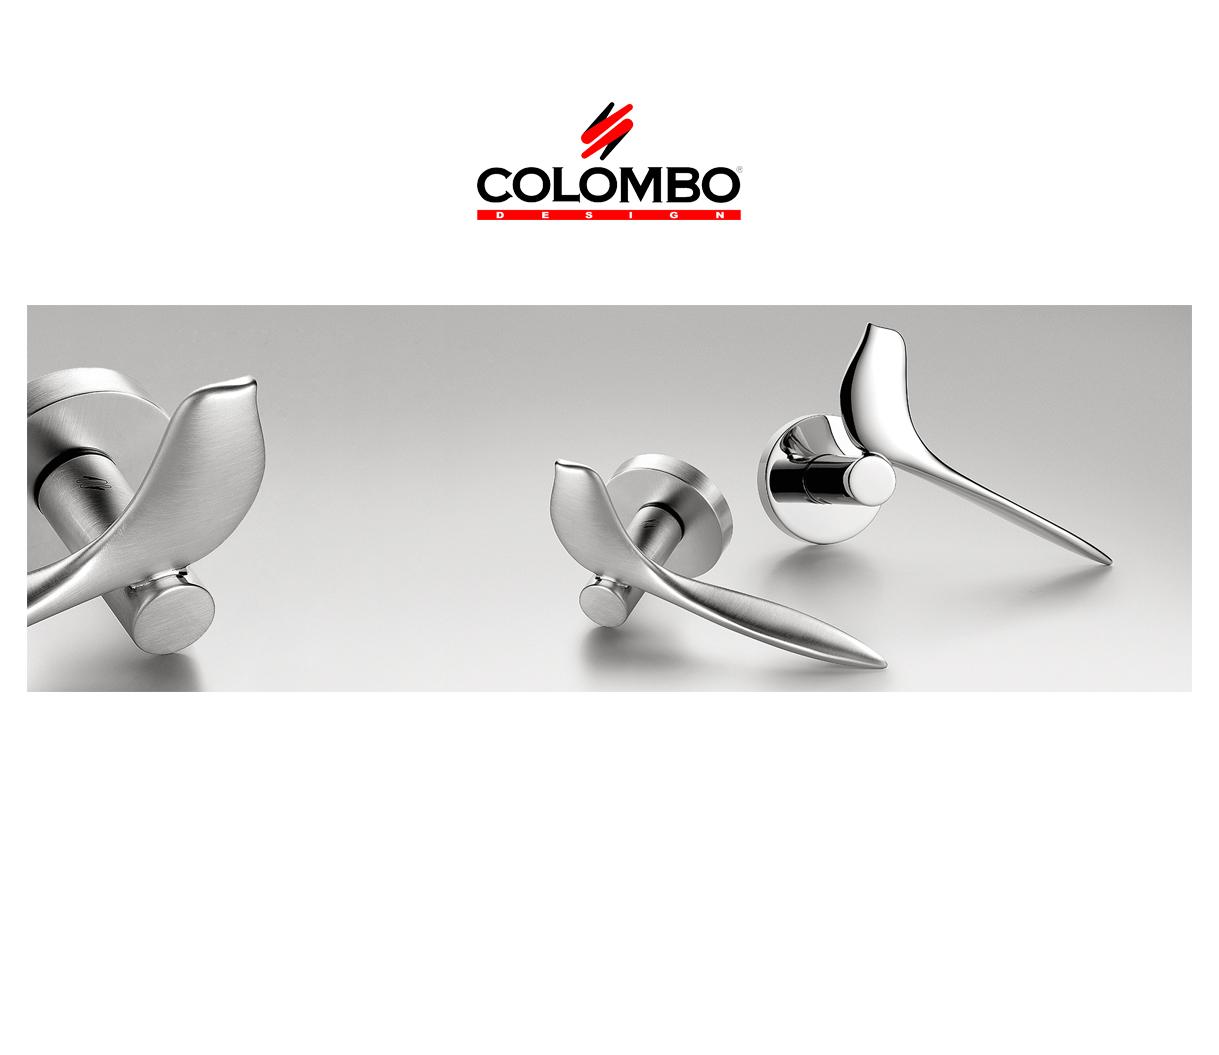 Oggi vi presentiamo: COLOMBO Design - Maniglie, accessori bagno e ...